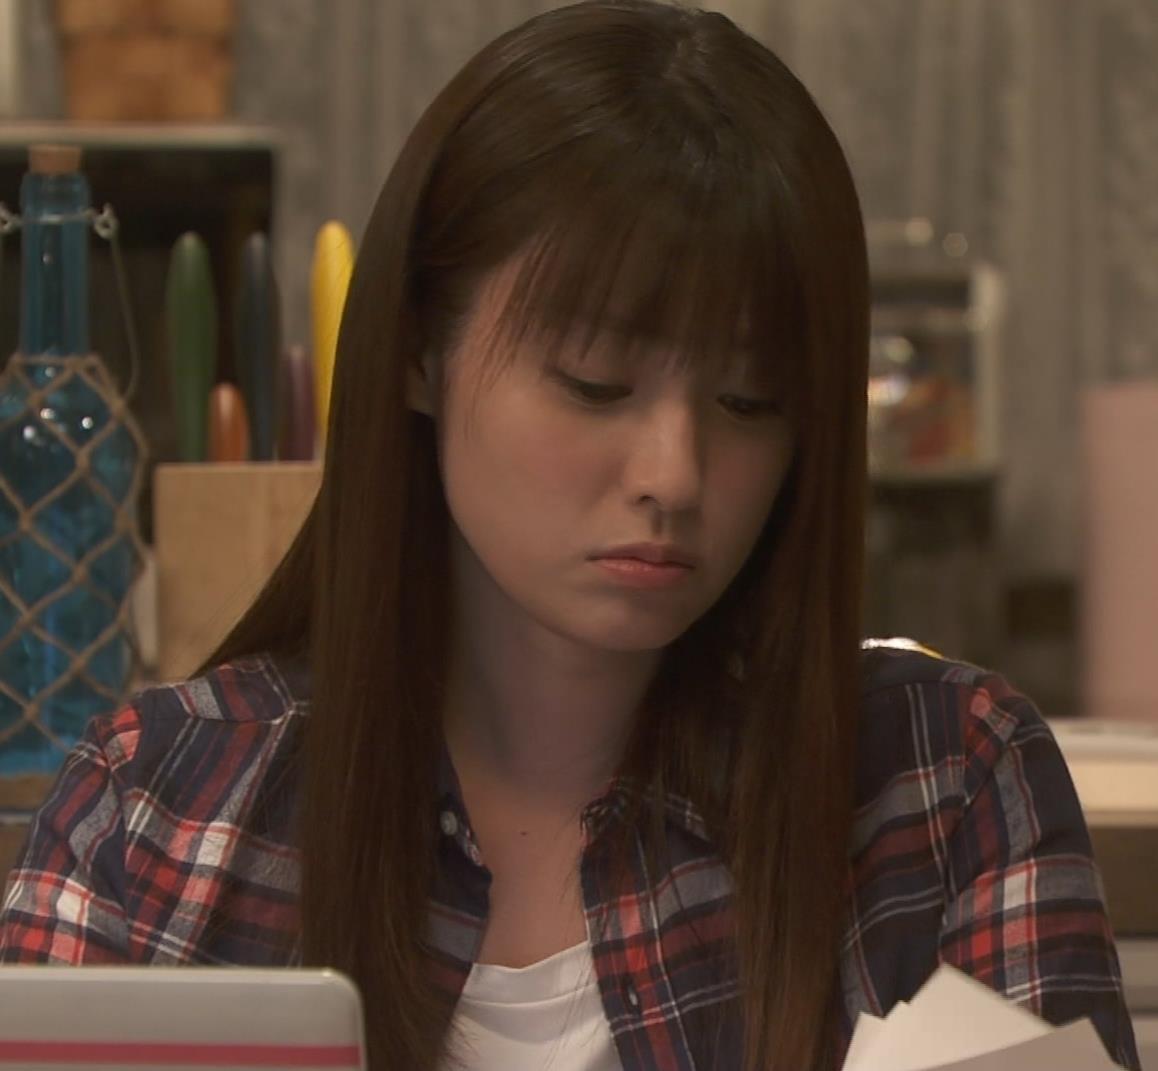 深田恭子 入浴で裸にバスタオル巻いだけキャプ・エロ画像5